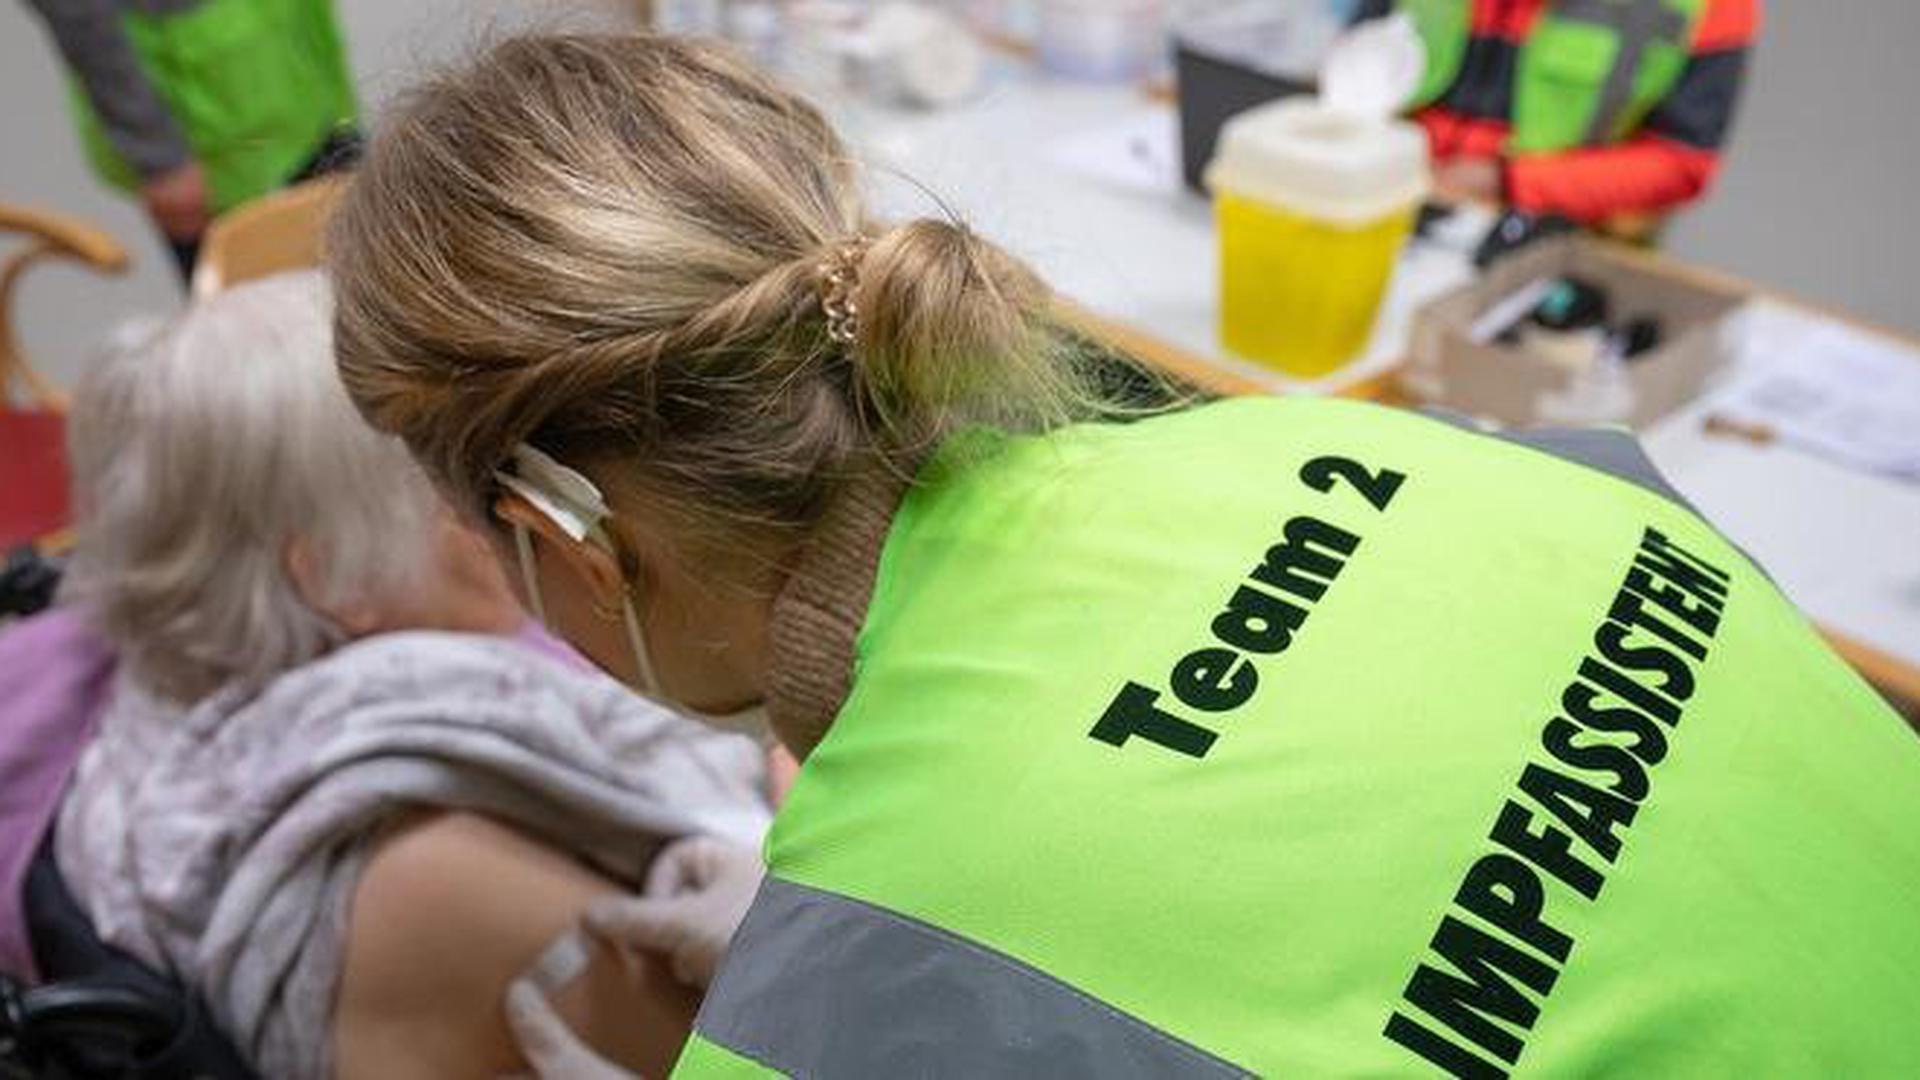 Problematische Differenzierung: Welche Pflegeheime in Baden-Württemberg von mobilen Impfteams besucht werden, richtet sich nach dem Sozialgesetzbuch – Betroffene empfinden das als Willkür.